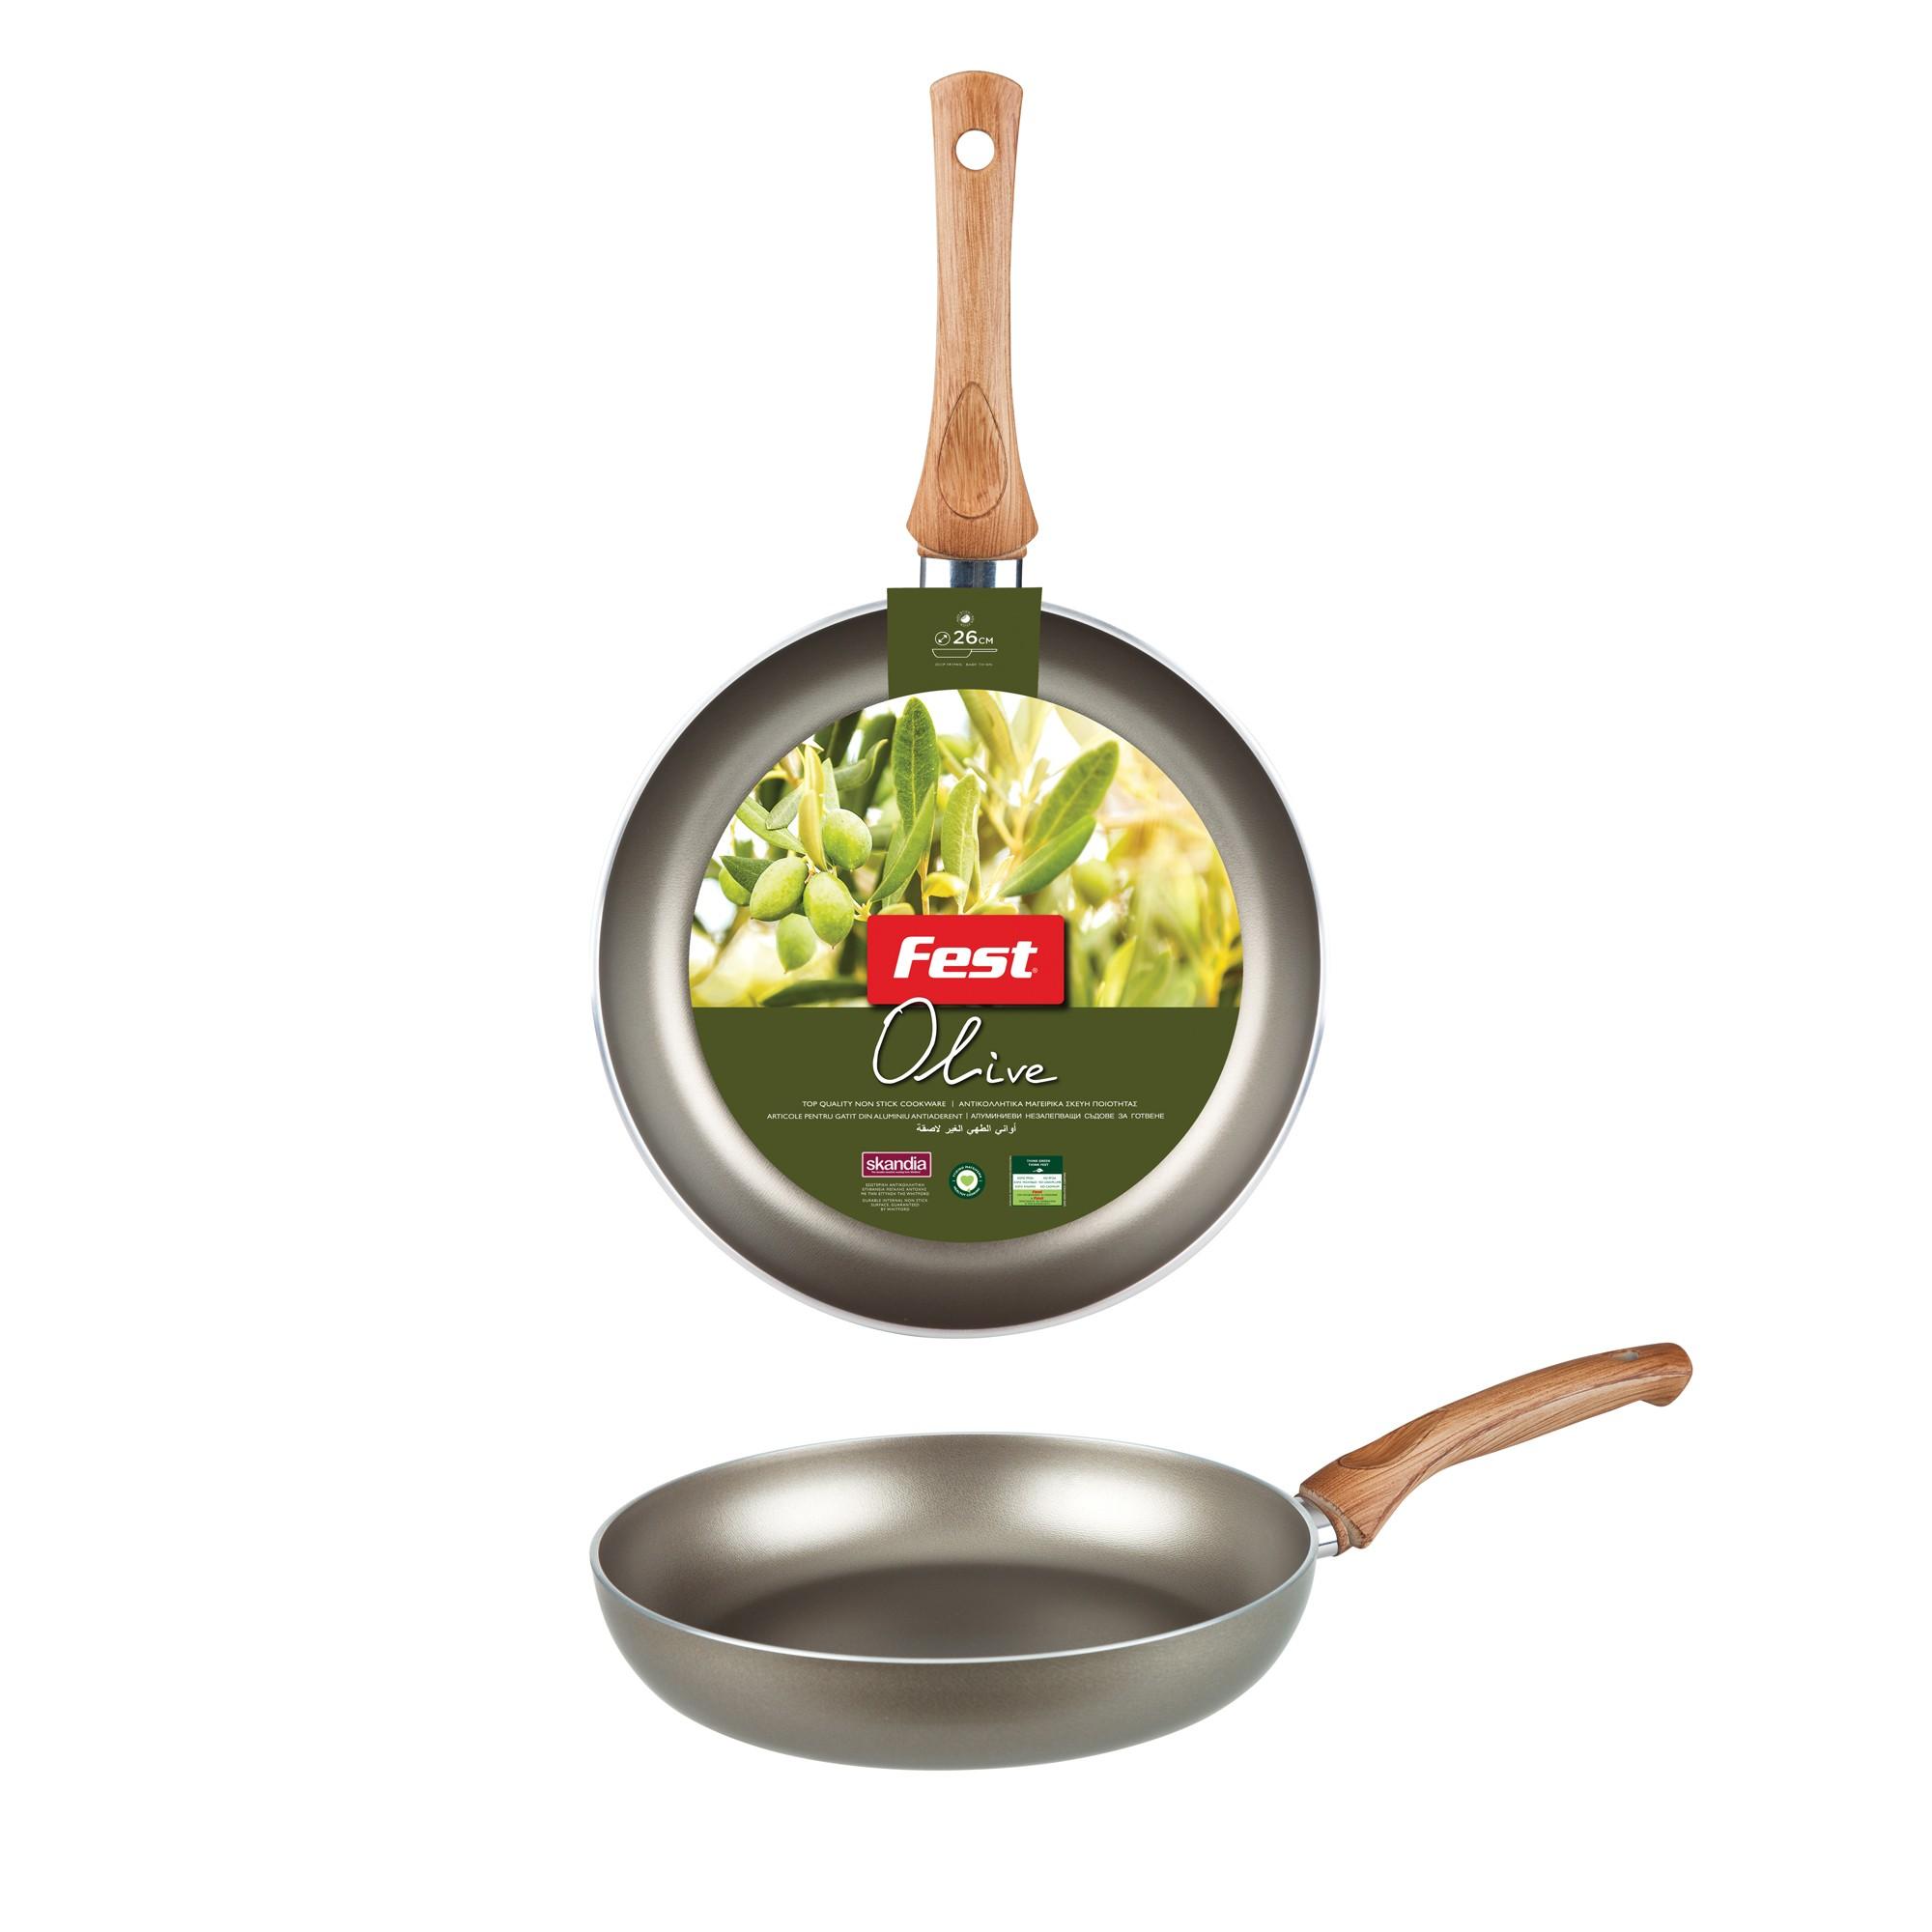 Τηγάνι Βαθύ Olive Fest 26cm home   σκευη μαγειρικης   τηγάνια